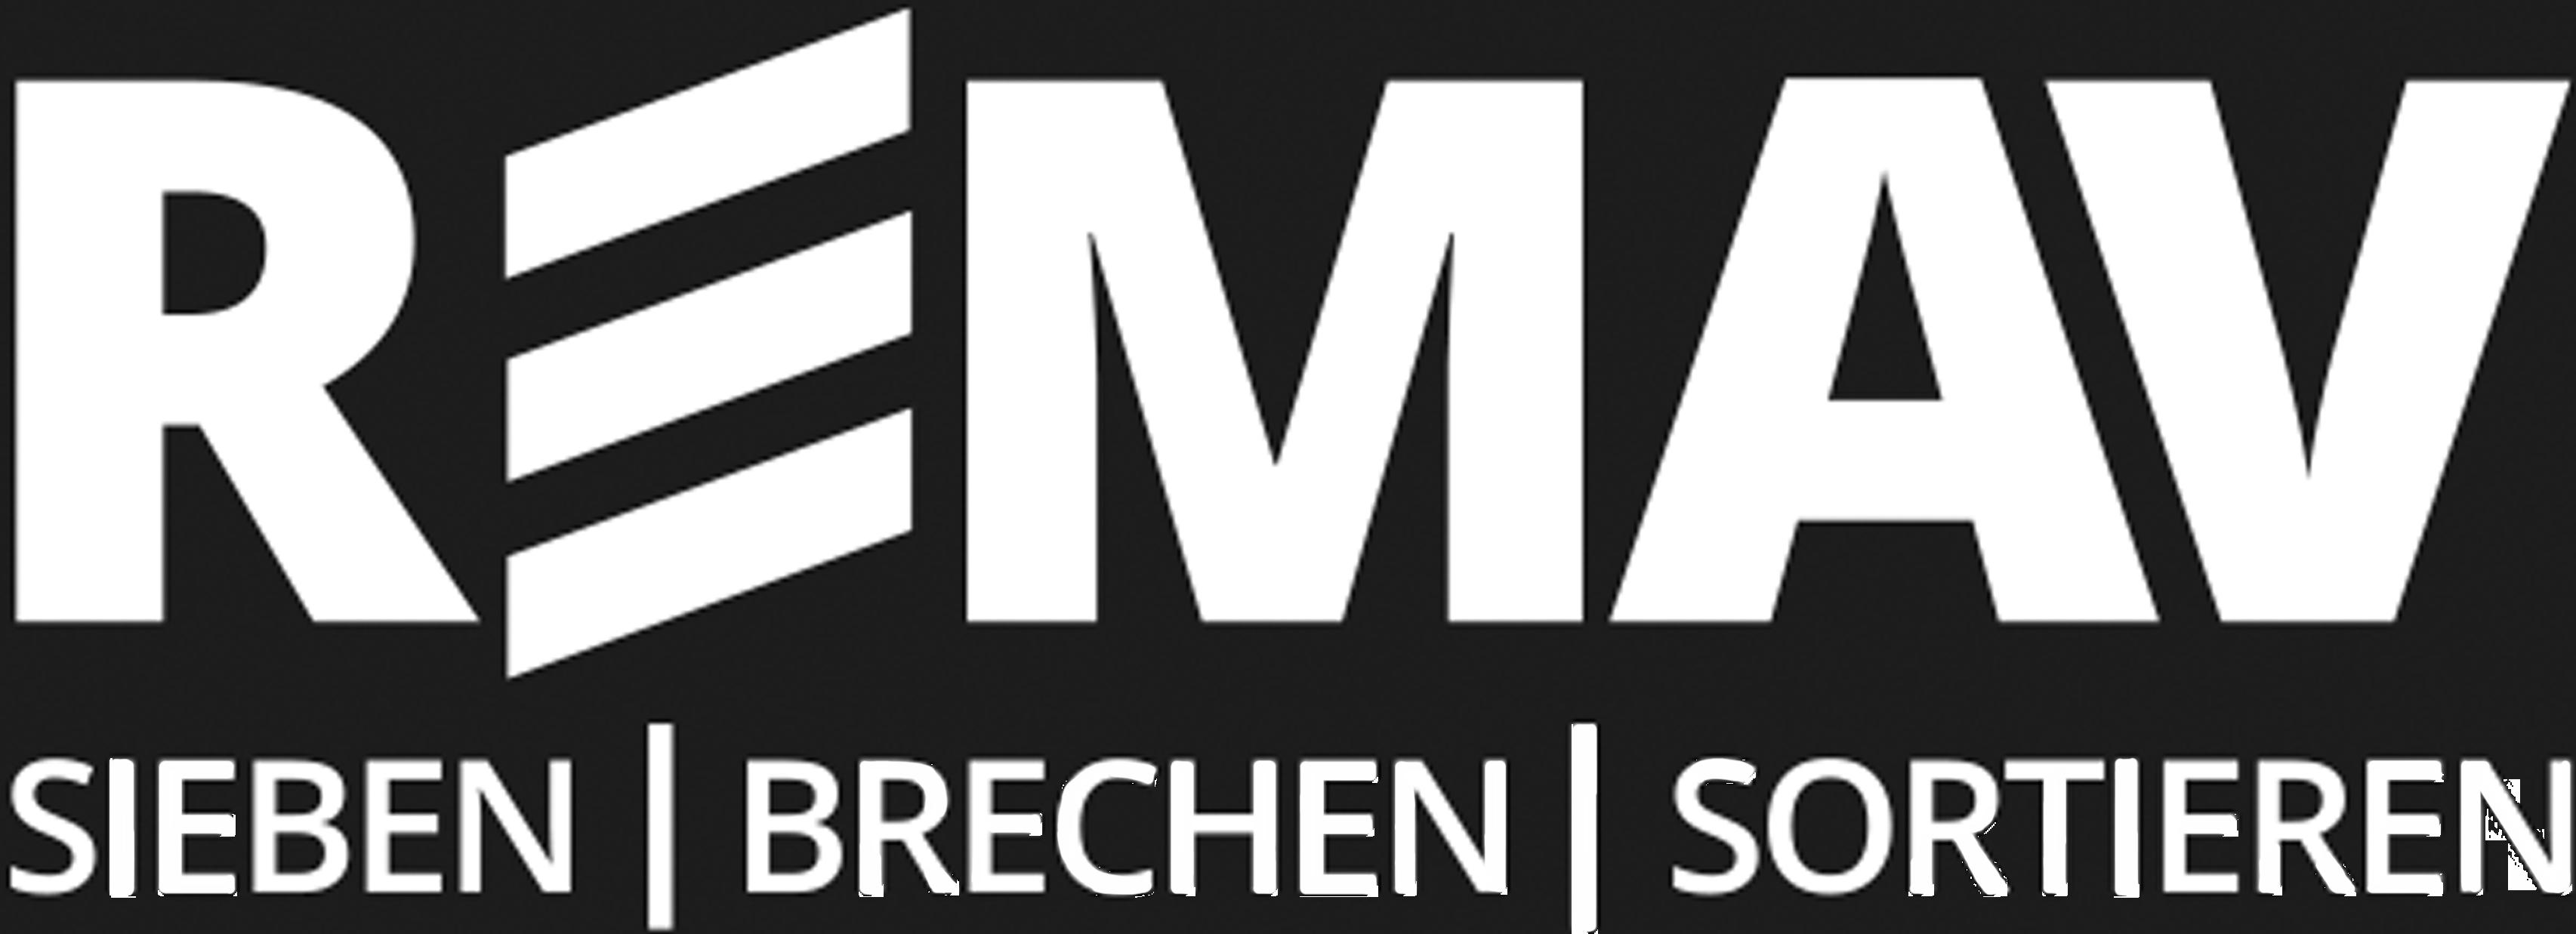 Reisinger-Baumaschinen-Remav_Logo-freigestellt_v1